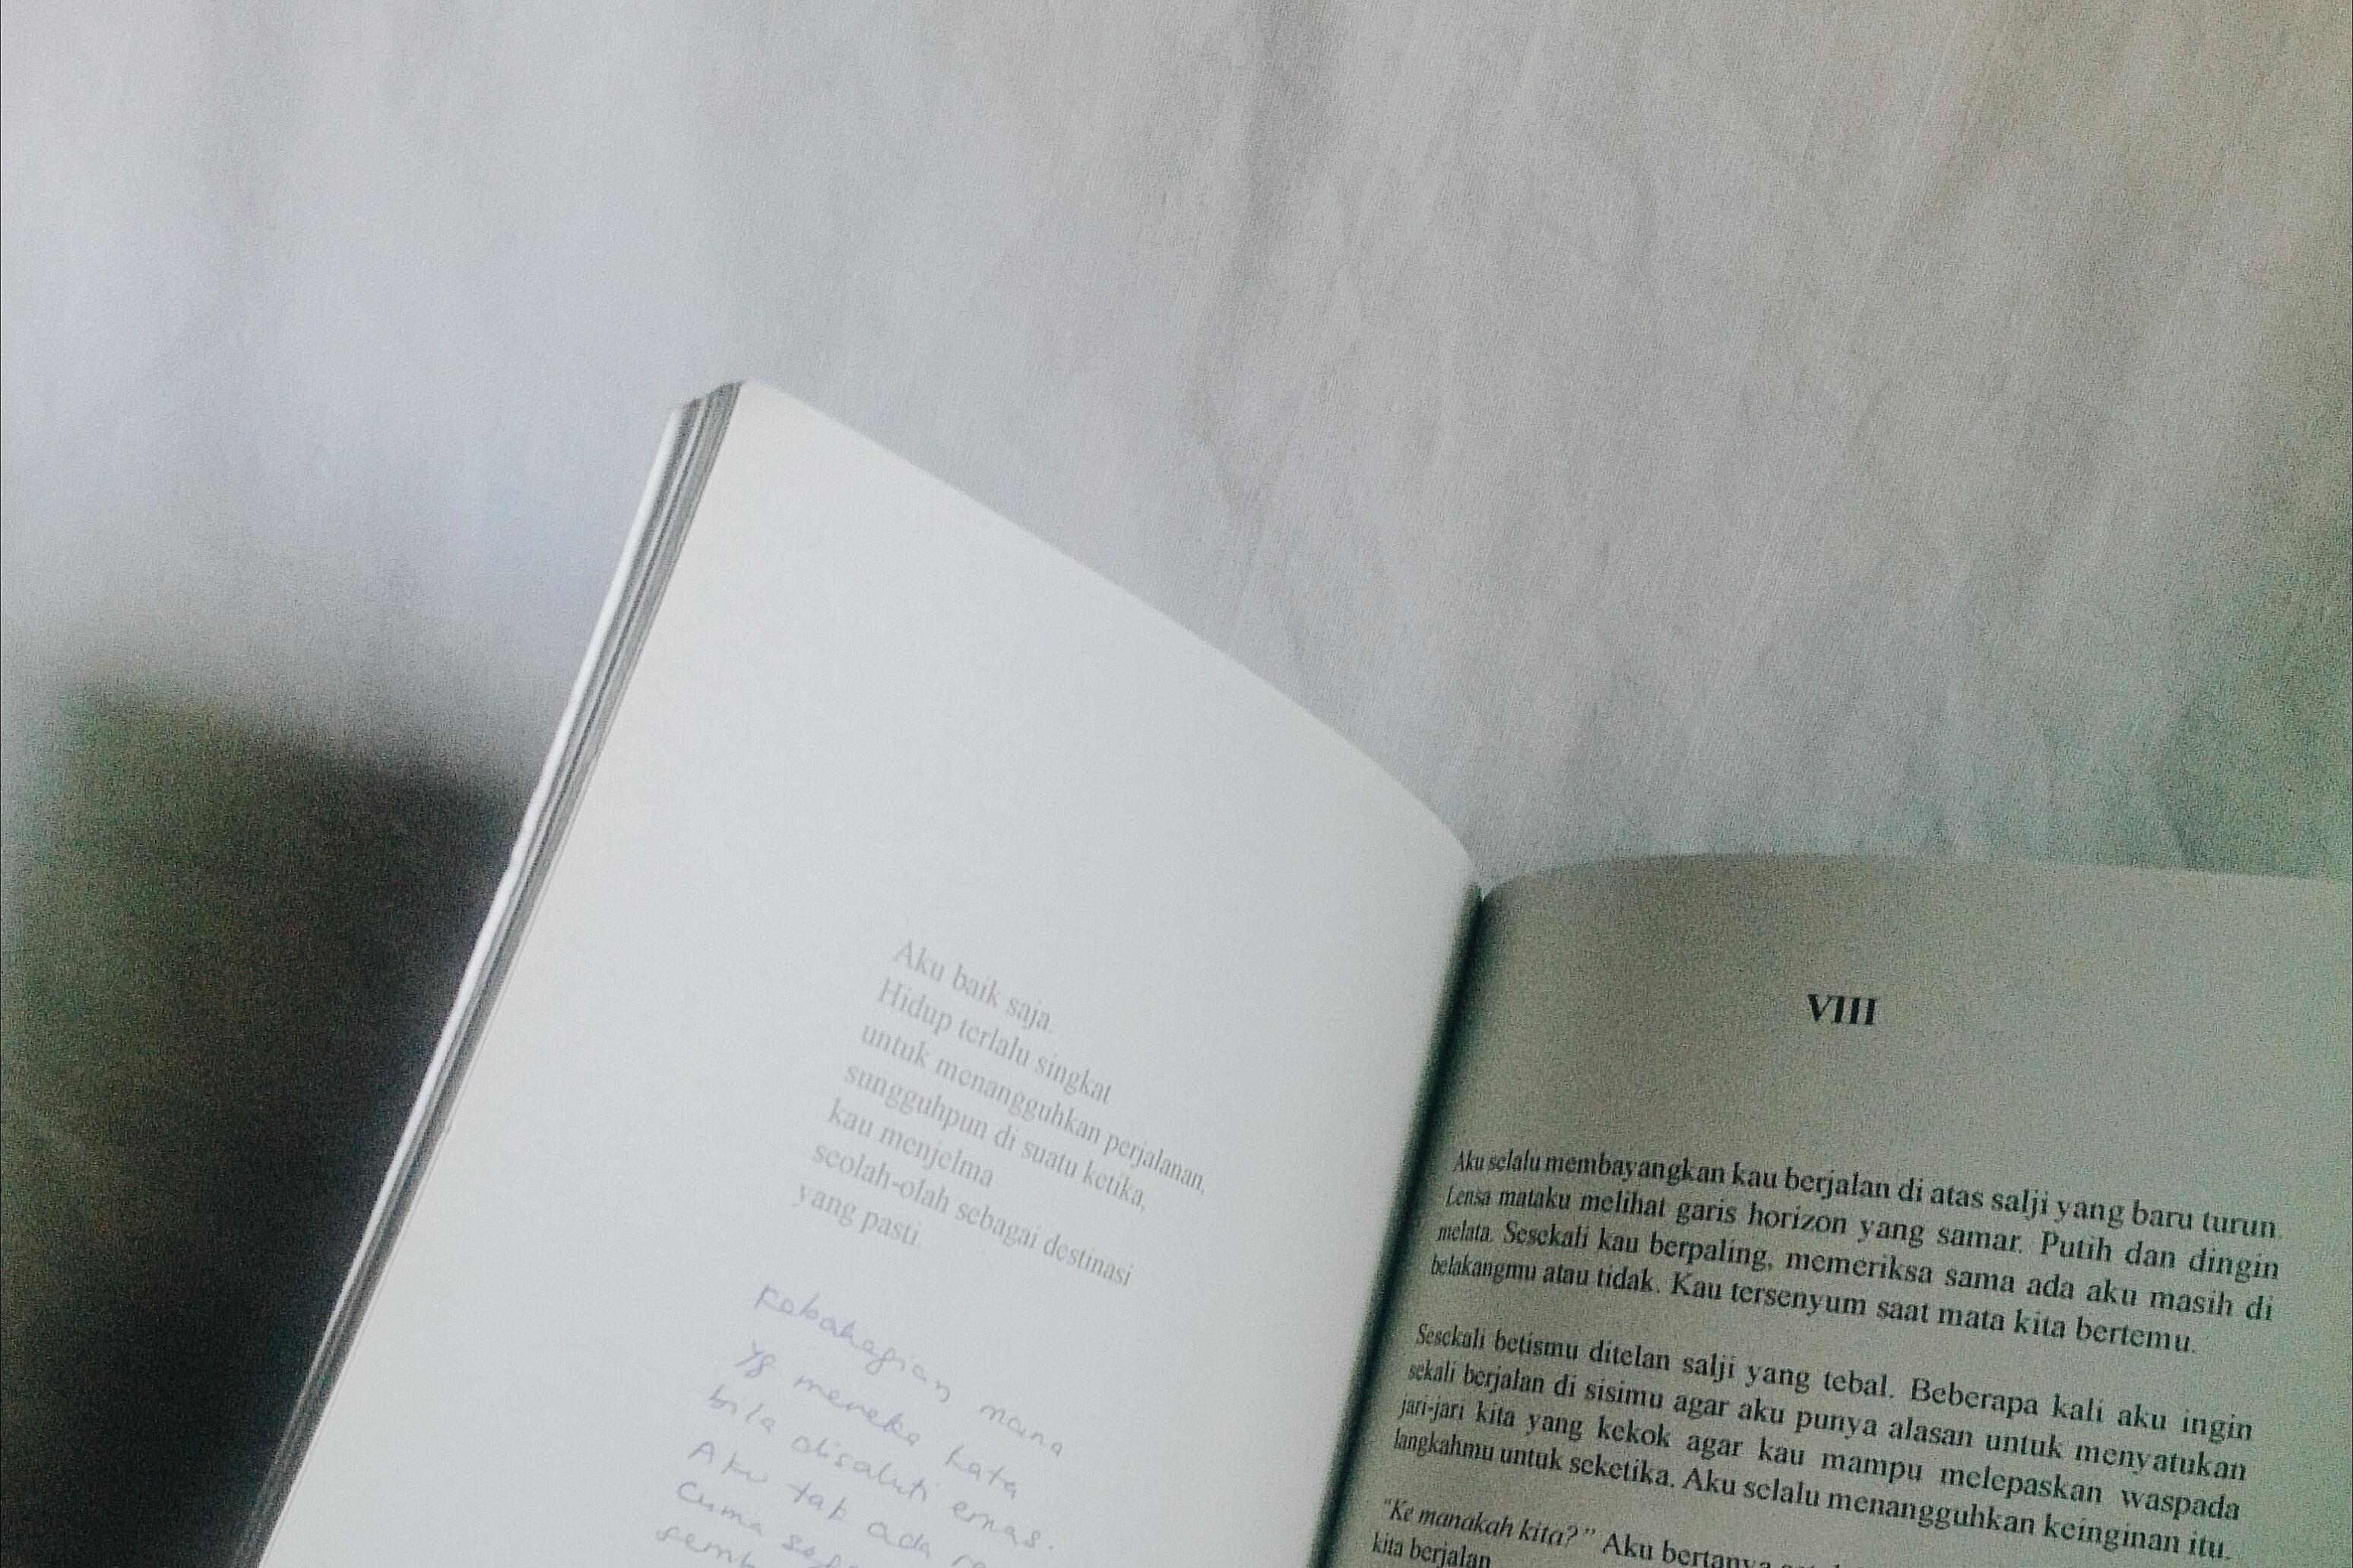 Monochrome Photo of Book